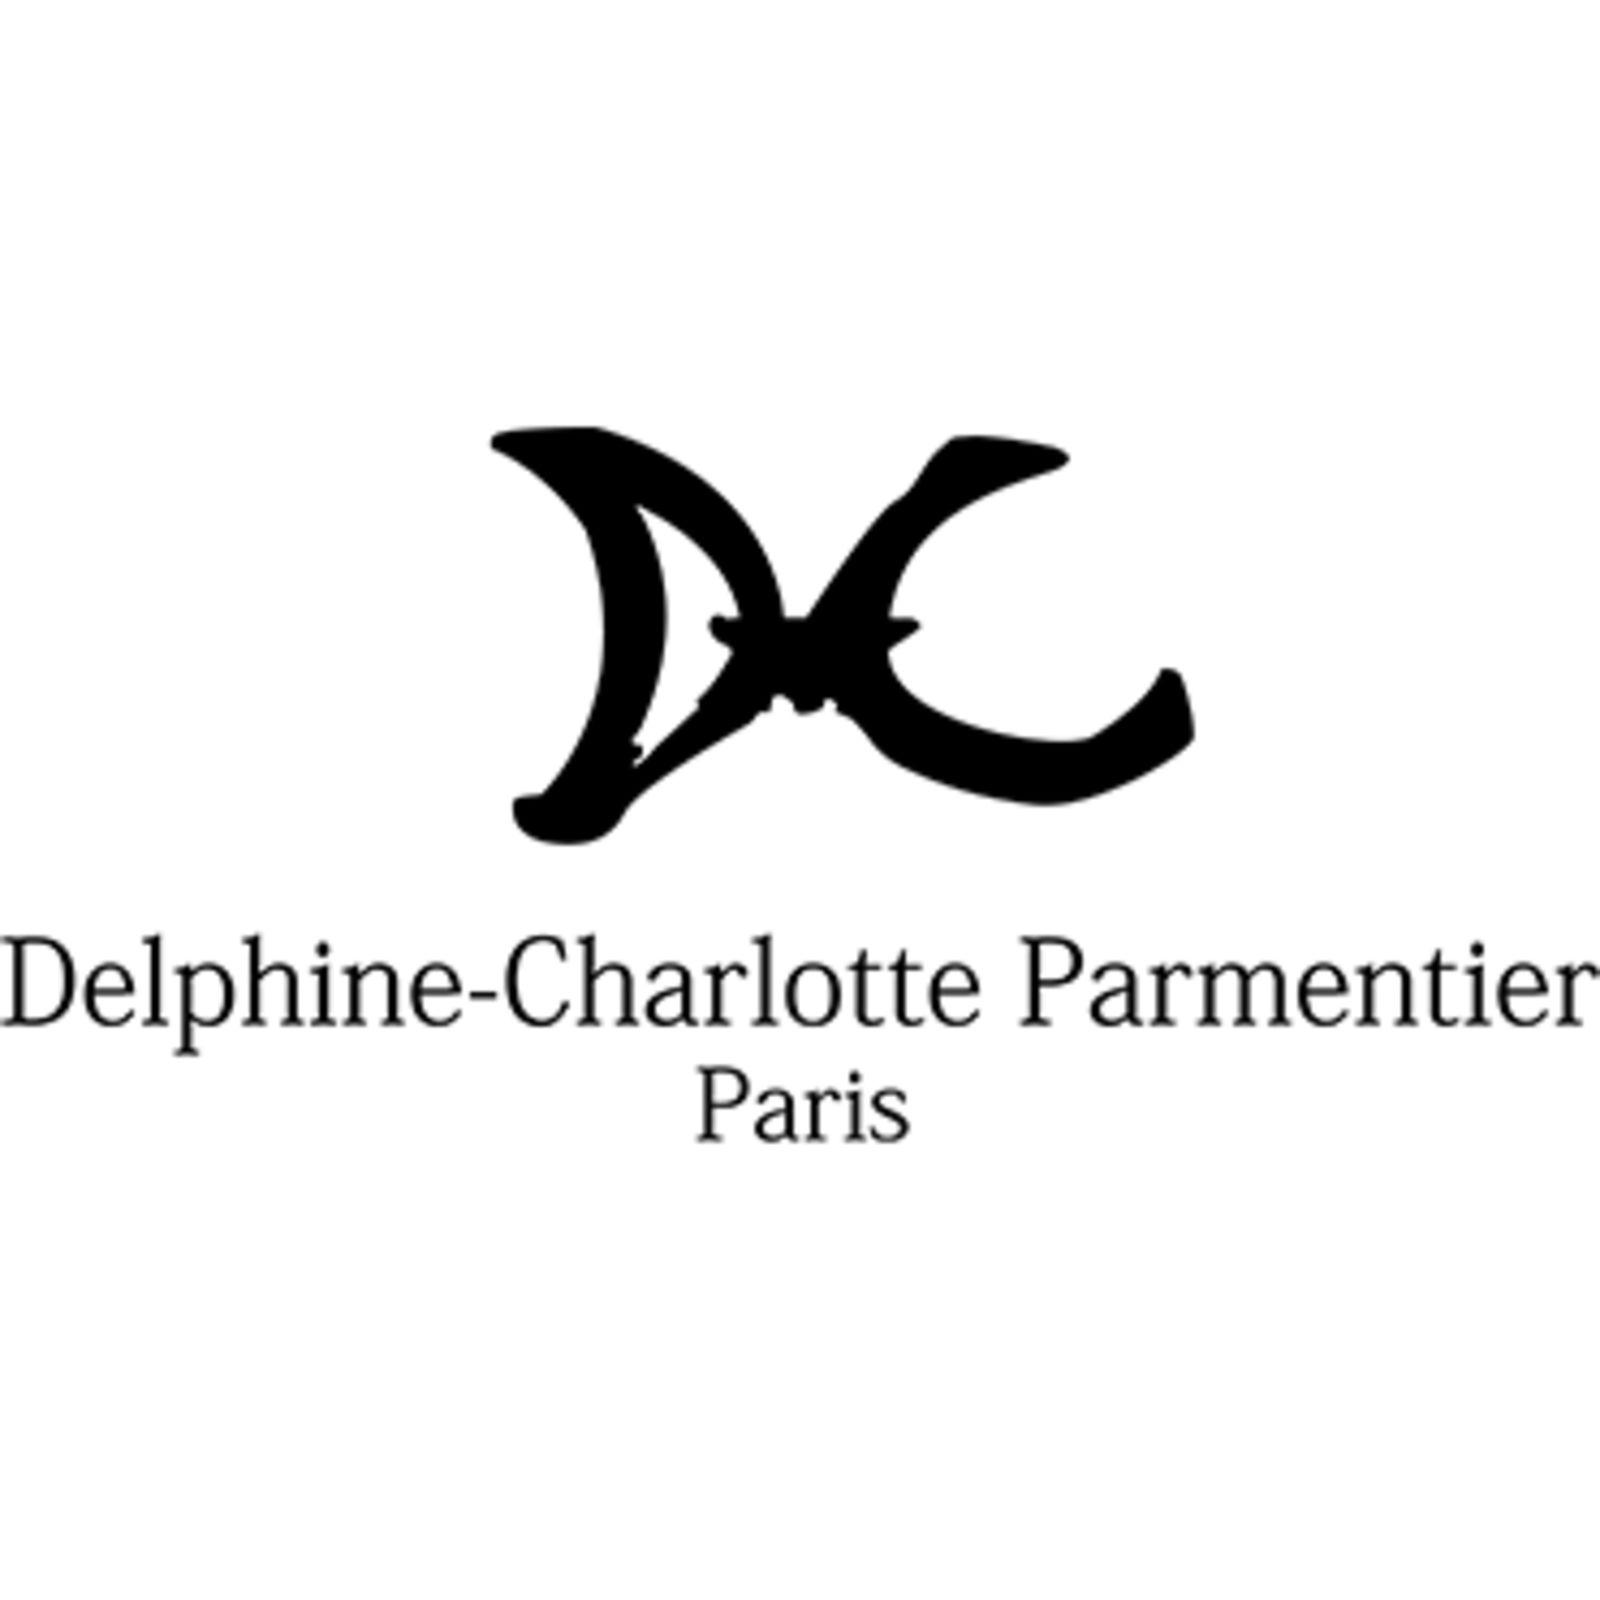 Delphine-Charlotte Parmentier